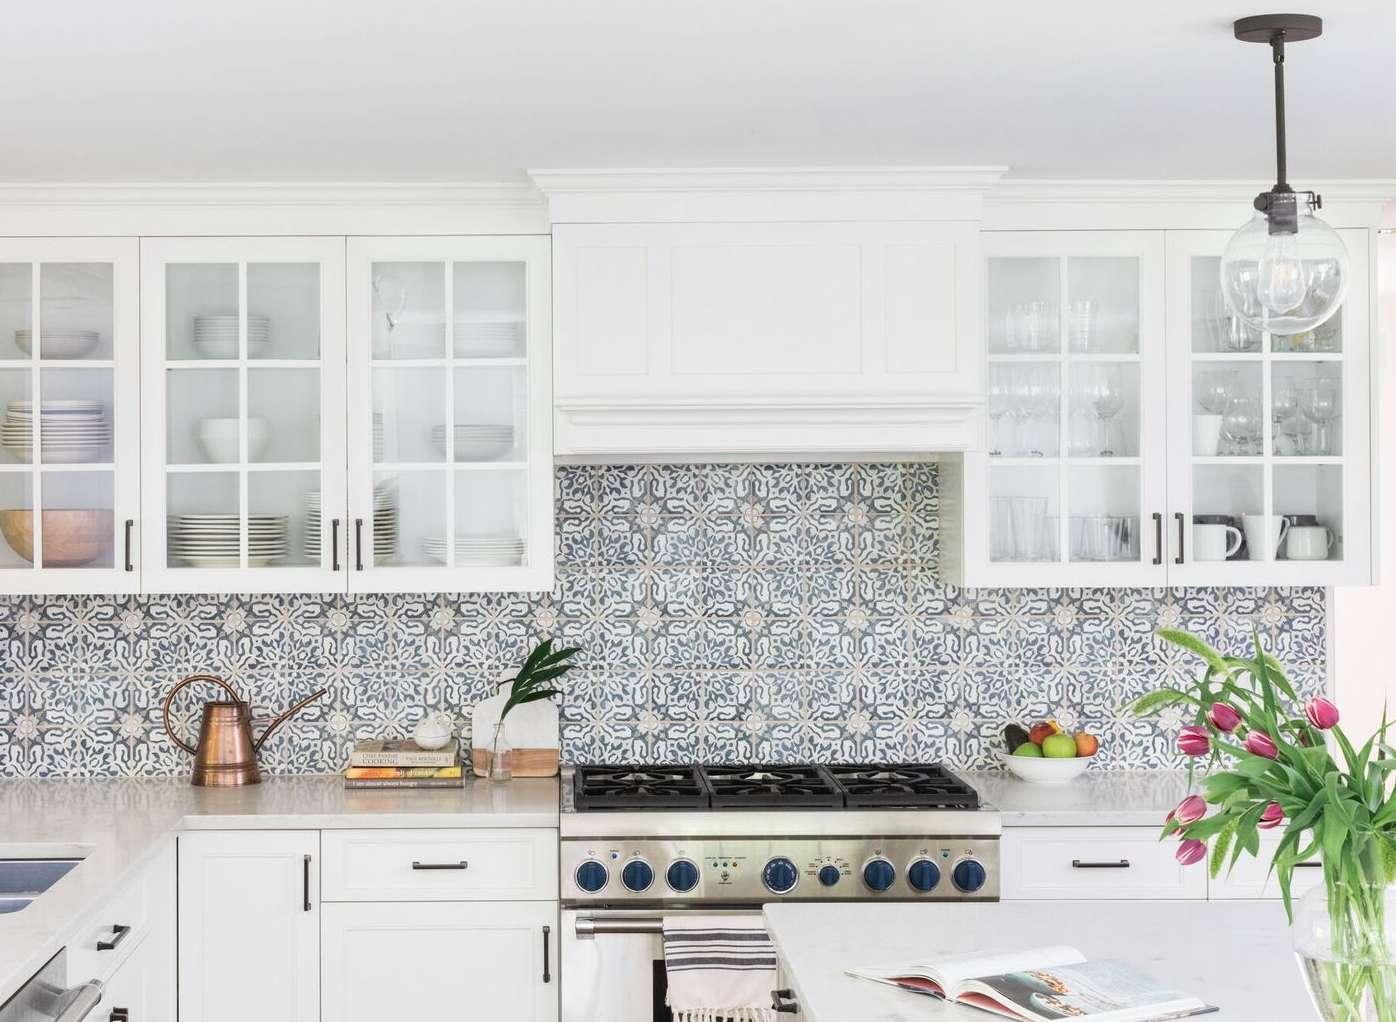 gabinetes blancos con frente de vidrio frente a una placa para salpicaduras de azulejos española